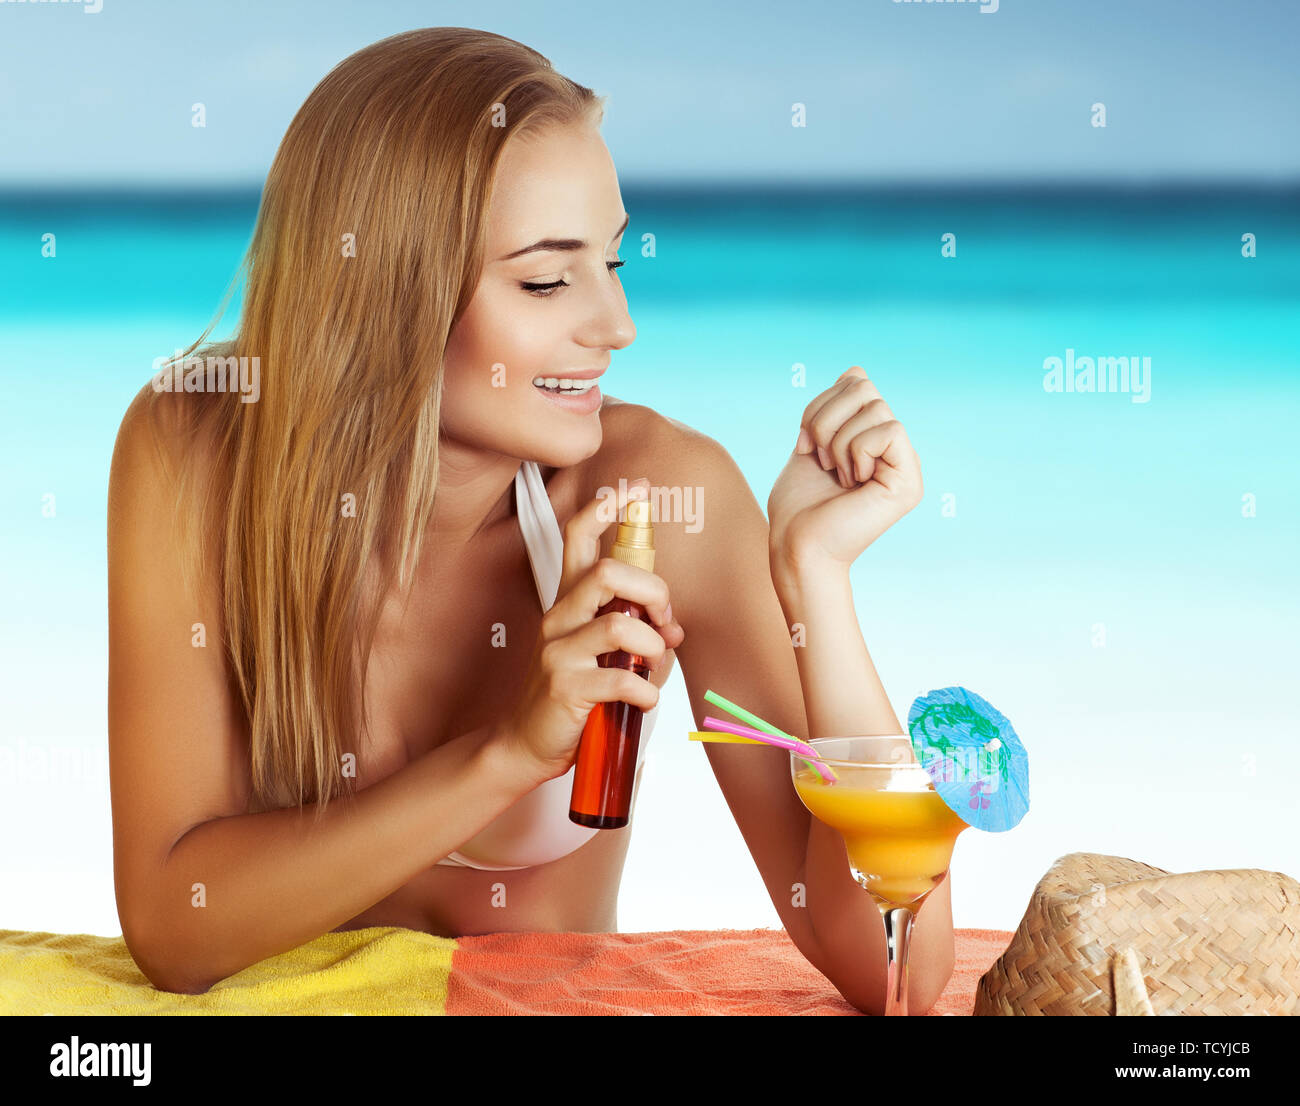 Ritratto di una bella donna felice sulla spiaggia, applicare olio abbronzante, il corpo e la cura della pelle, godendo le vacanze estive Immagini Stock